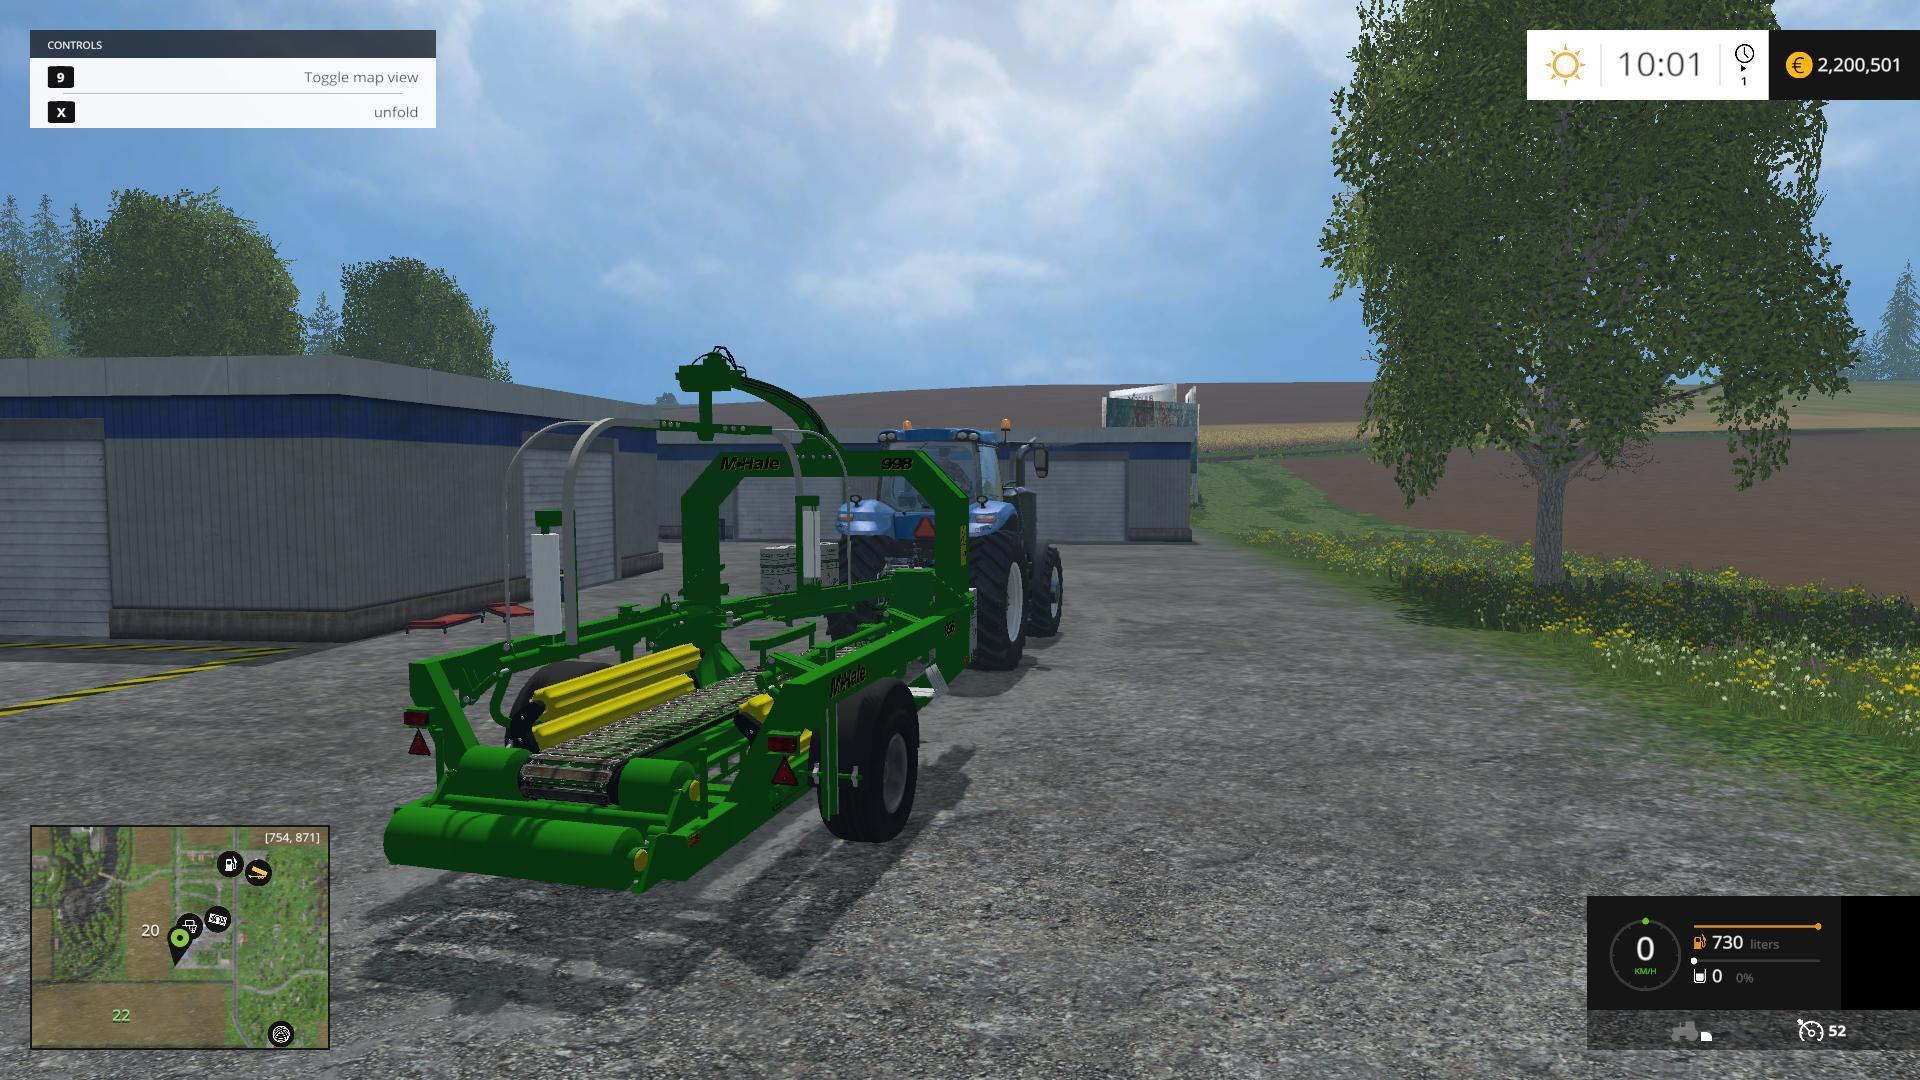 Как сделать моды на farming simulator 323